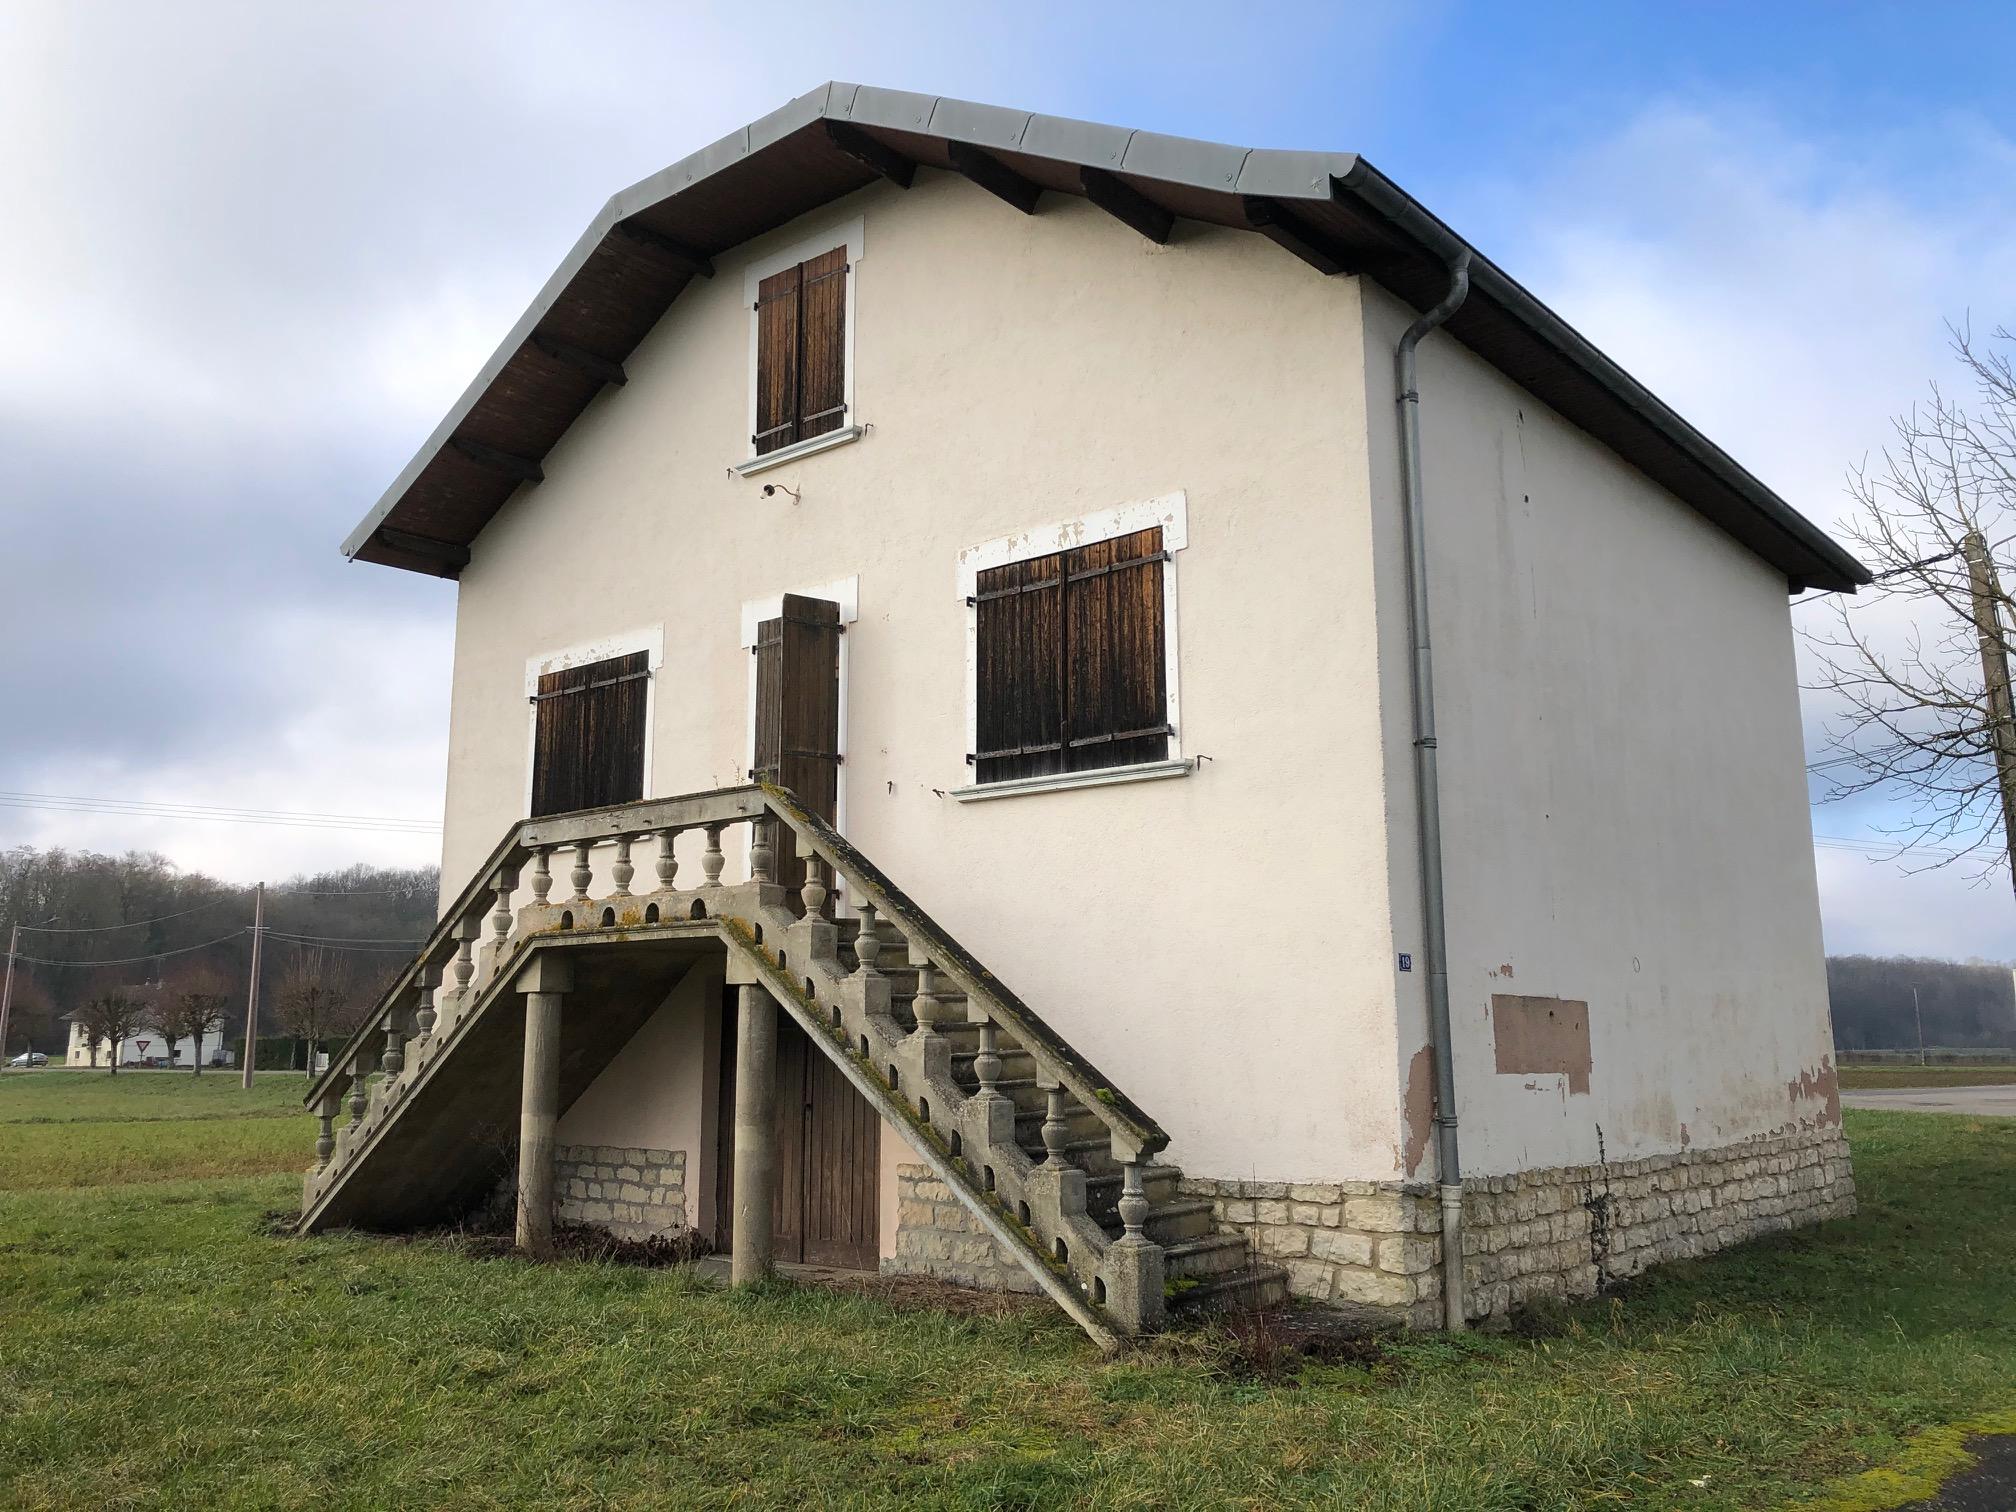 Vente maison entre Dole et Mont sous vaudrey